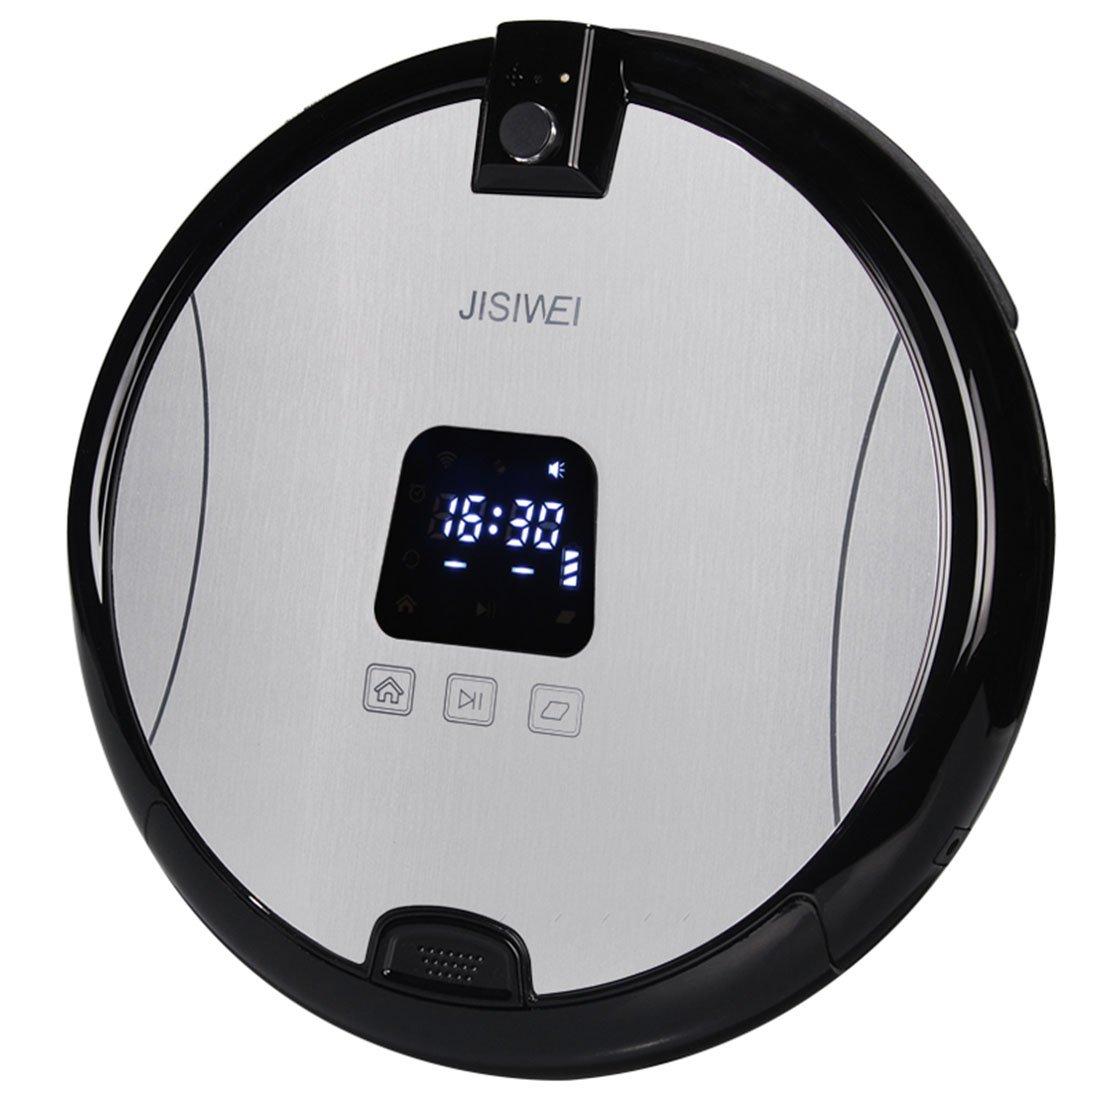 Robots aspiradora, jisiwei yifan S +: inteligente robot aspirador + cámara + WiFi - Silver (US enchufe): Amazon.es: Bricolaje y herramientas